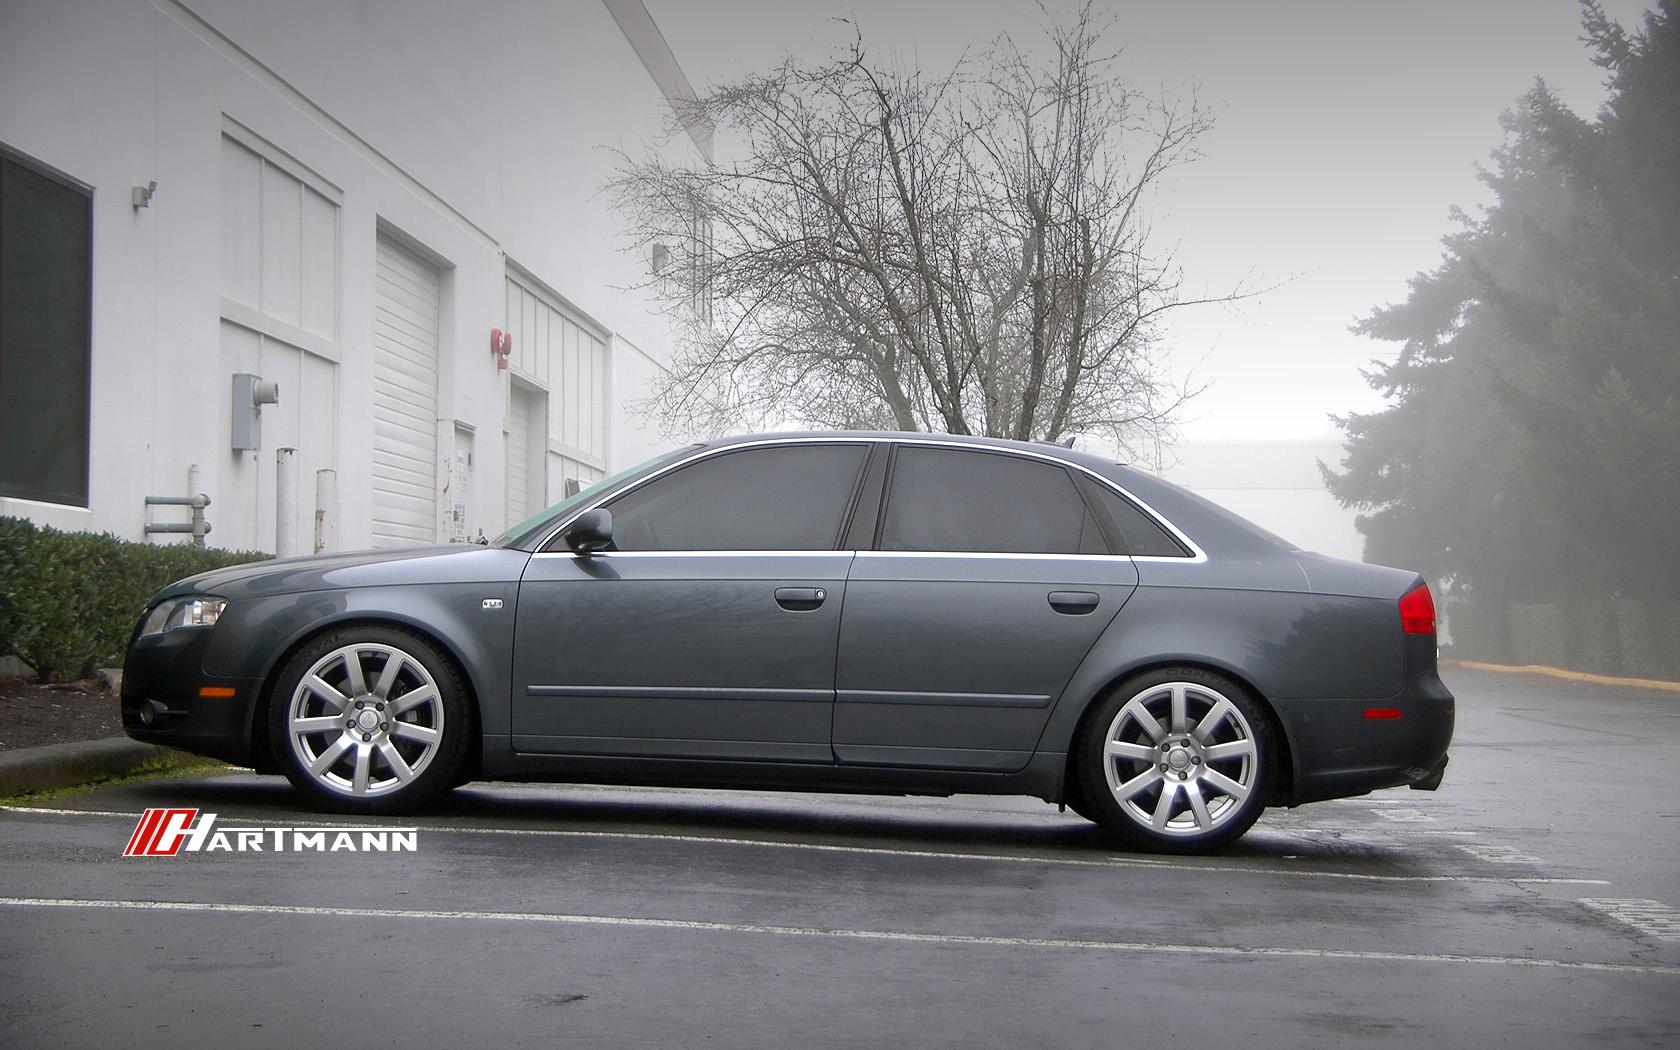 Audi b7 a4 hartmann wheels hrs4 dtm gs 18 hwm